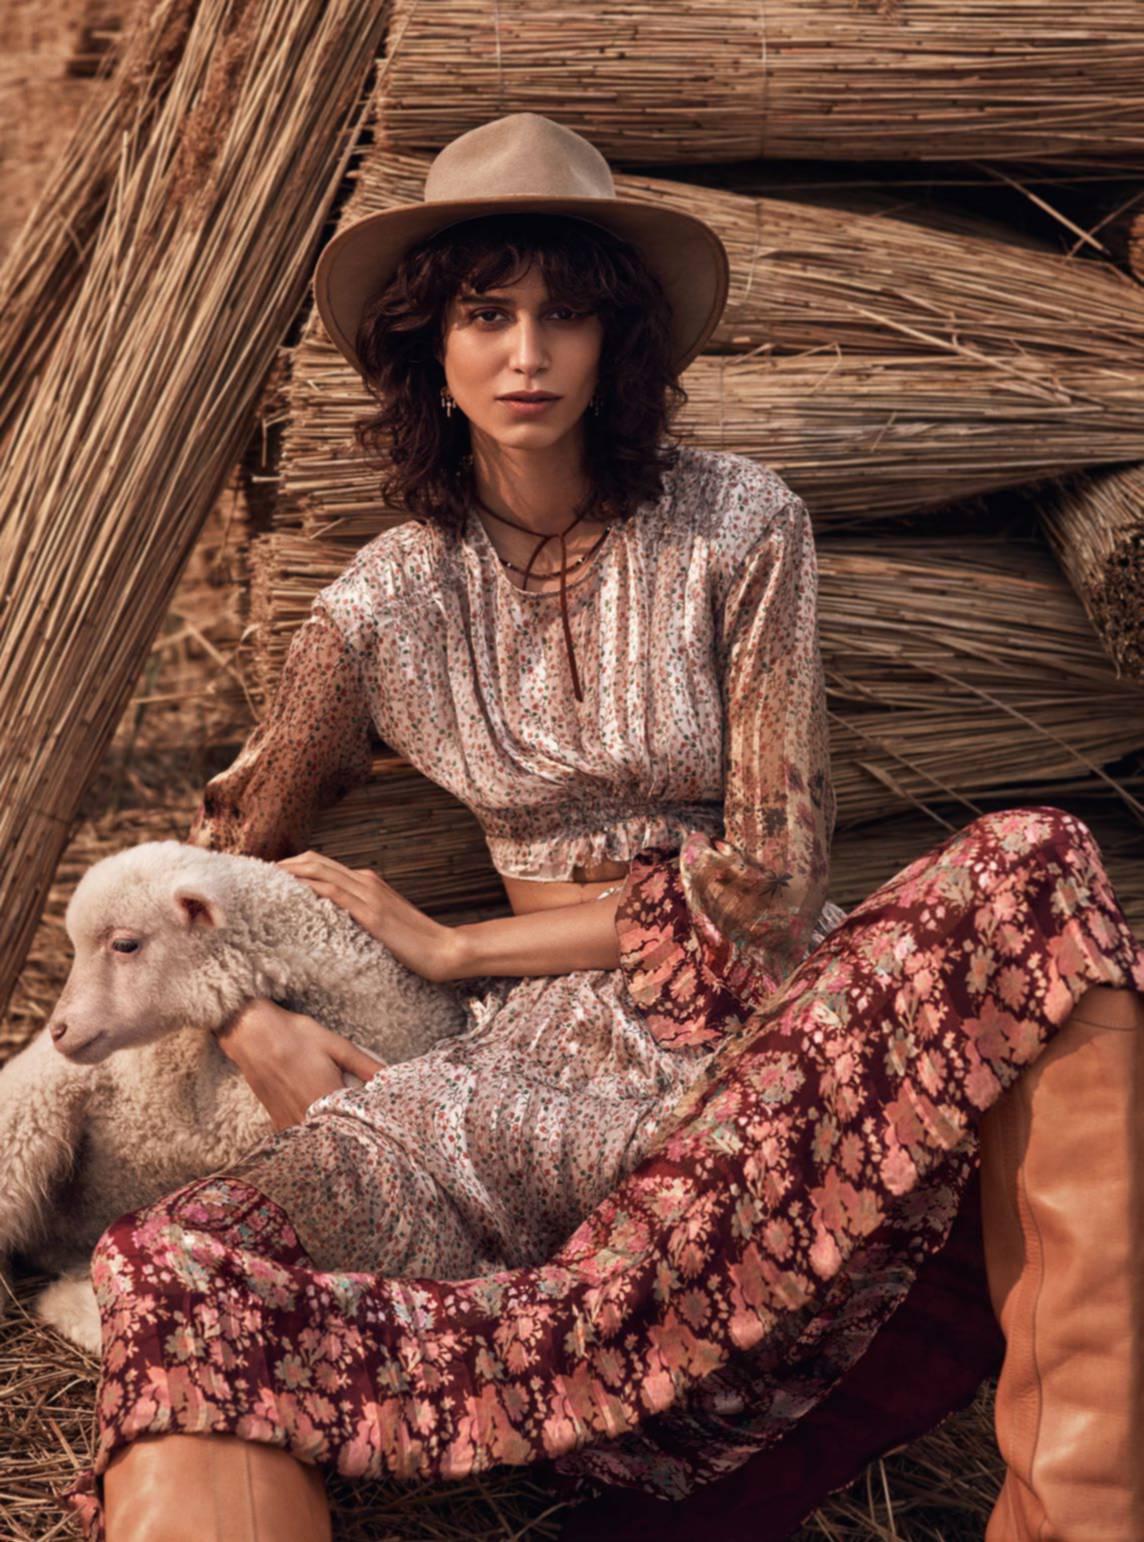 Vogue Paris June July 2016 / Mica Arganaraz by Mikael Jansson